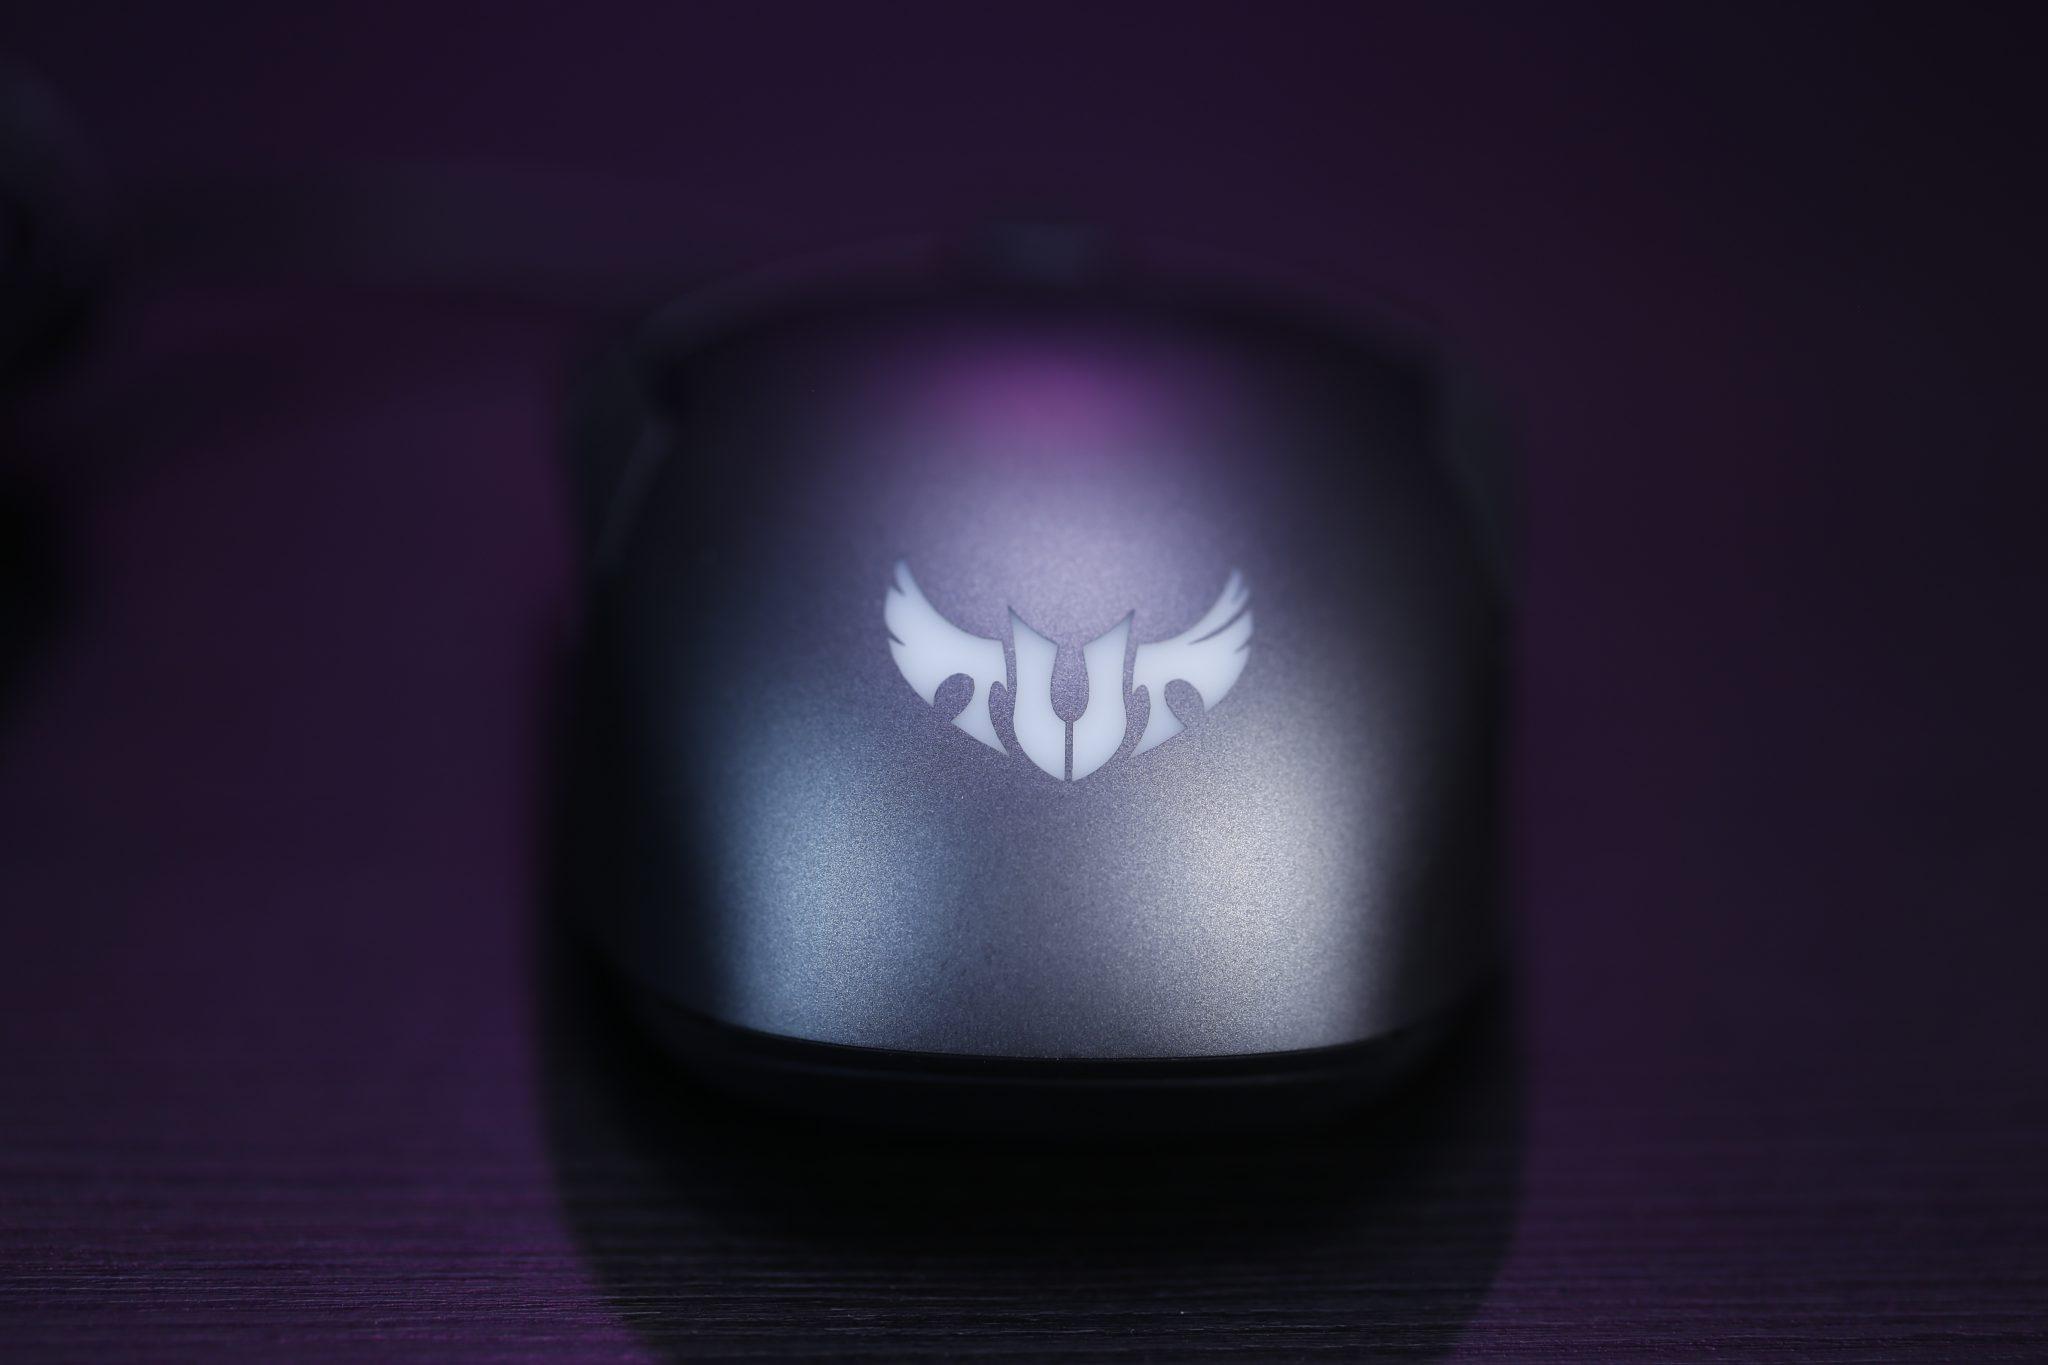 ASUS Tuf Gaming M5 Mouse (15)